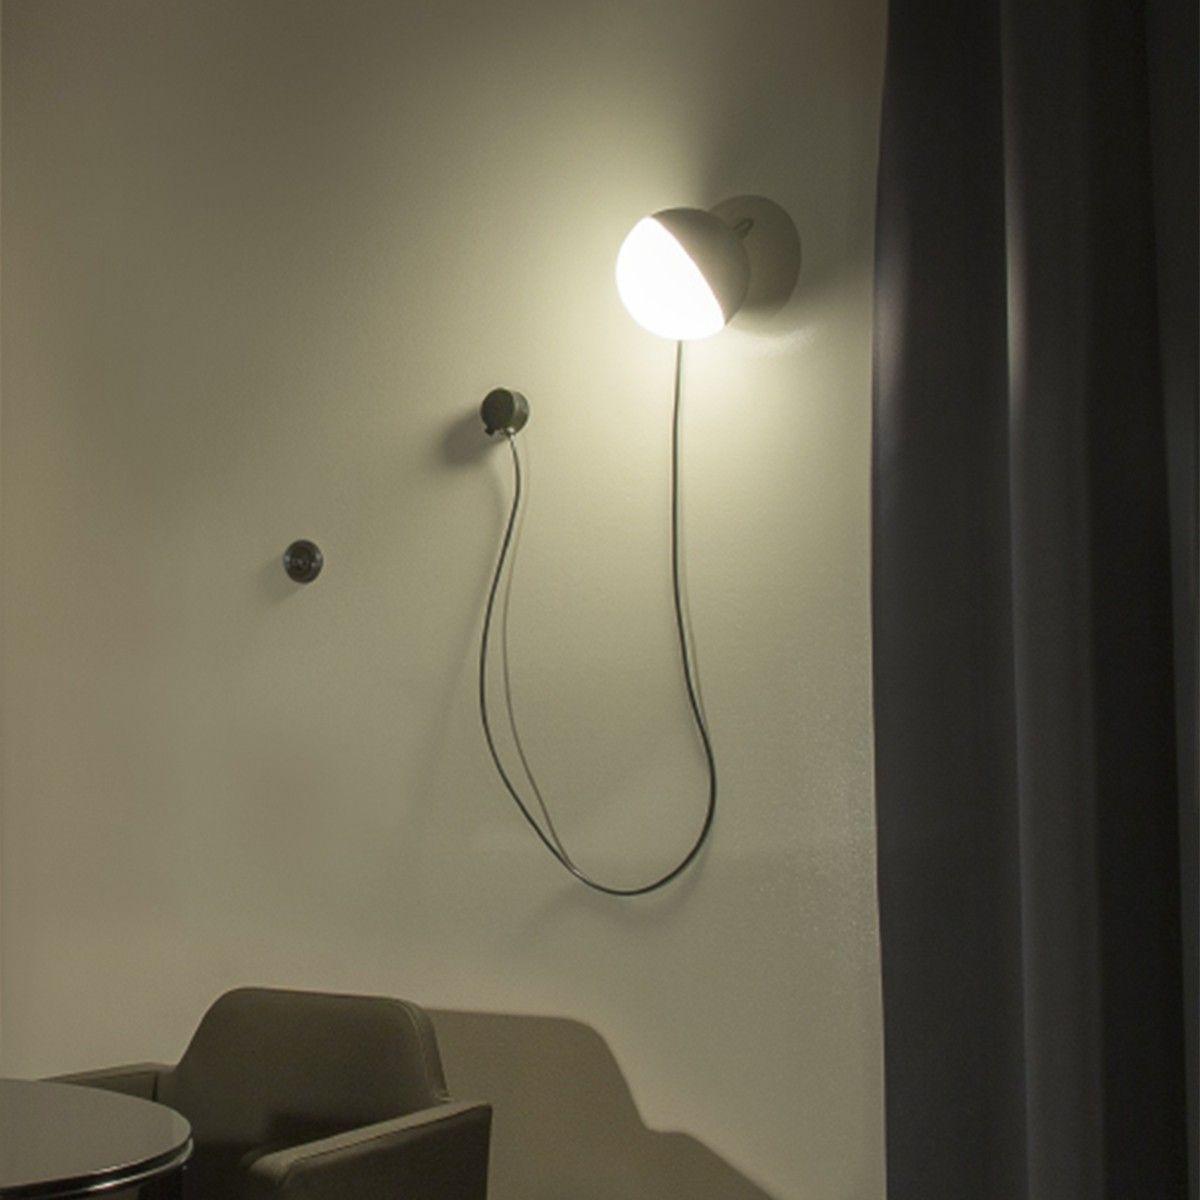 Full Size of Schlafzimmer Wandlampen Milan Half Wandleuchte Deckenleuchte Modern Set Mit Matratze Und Lattenrost Kommode Weiß Rauch Komplett Schimmel Im Tapeten Wandbilder Wohnzimmer Schlafzimmer Wandlampen